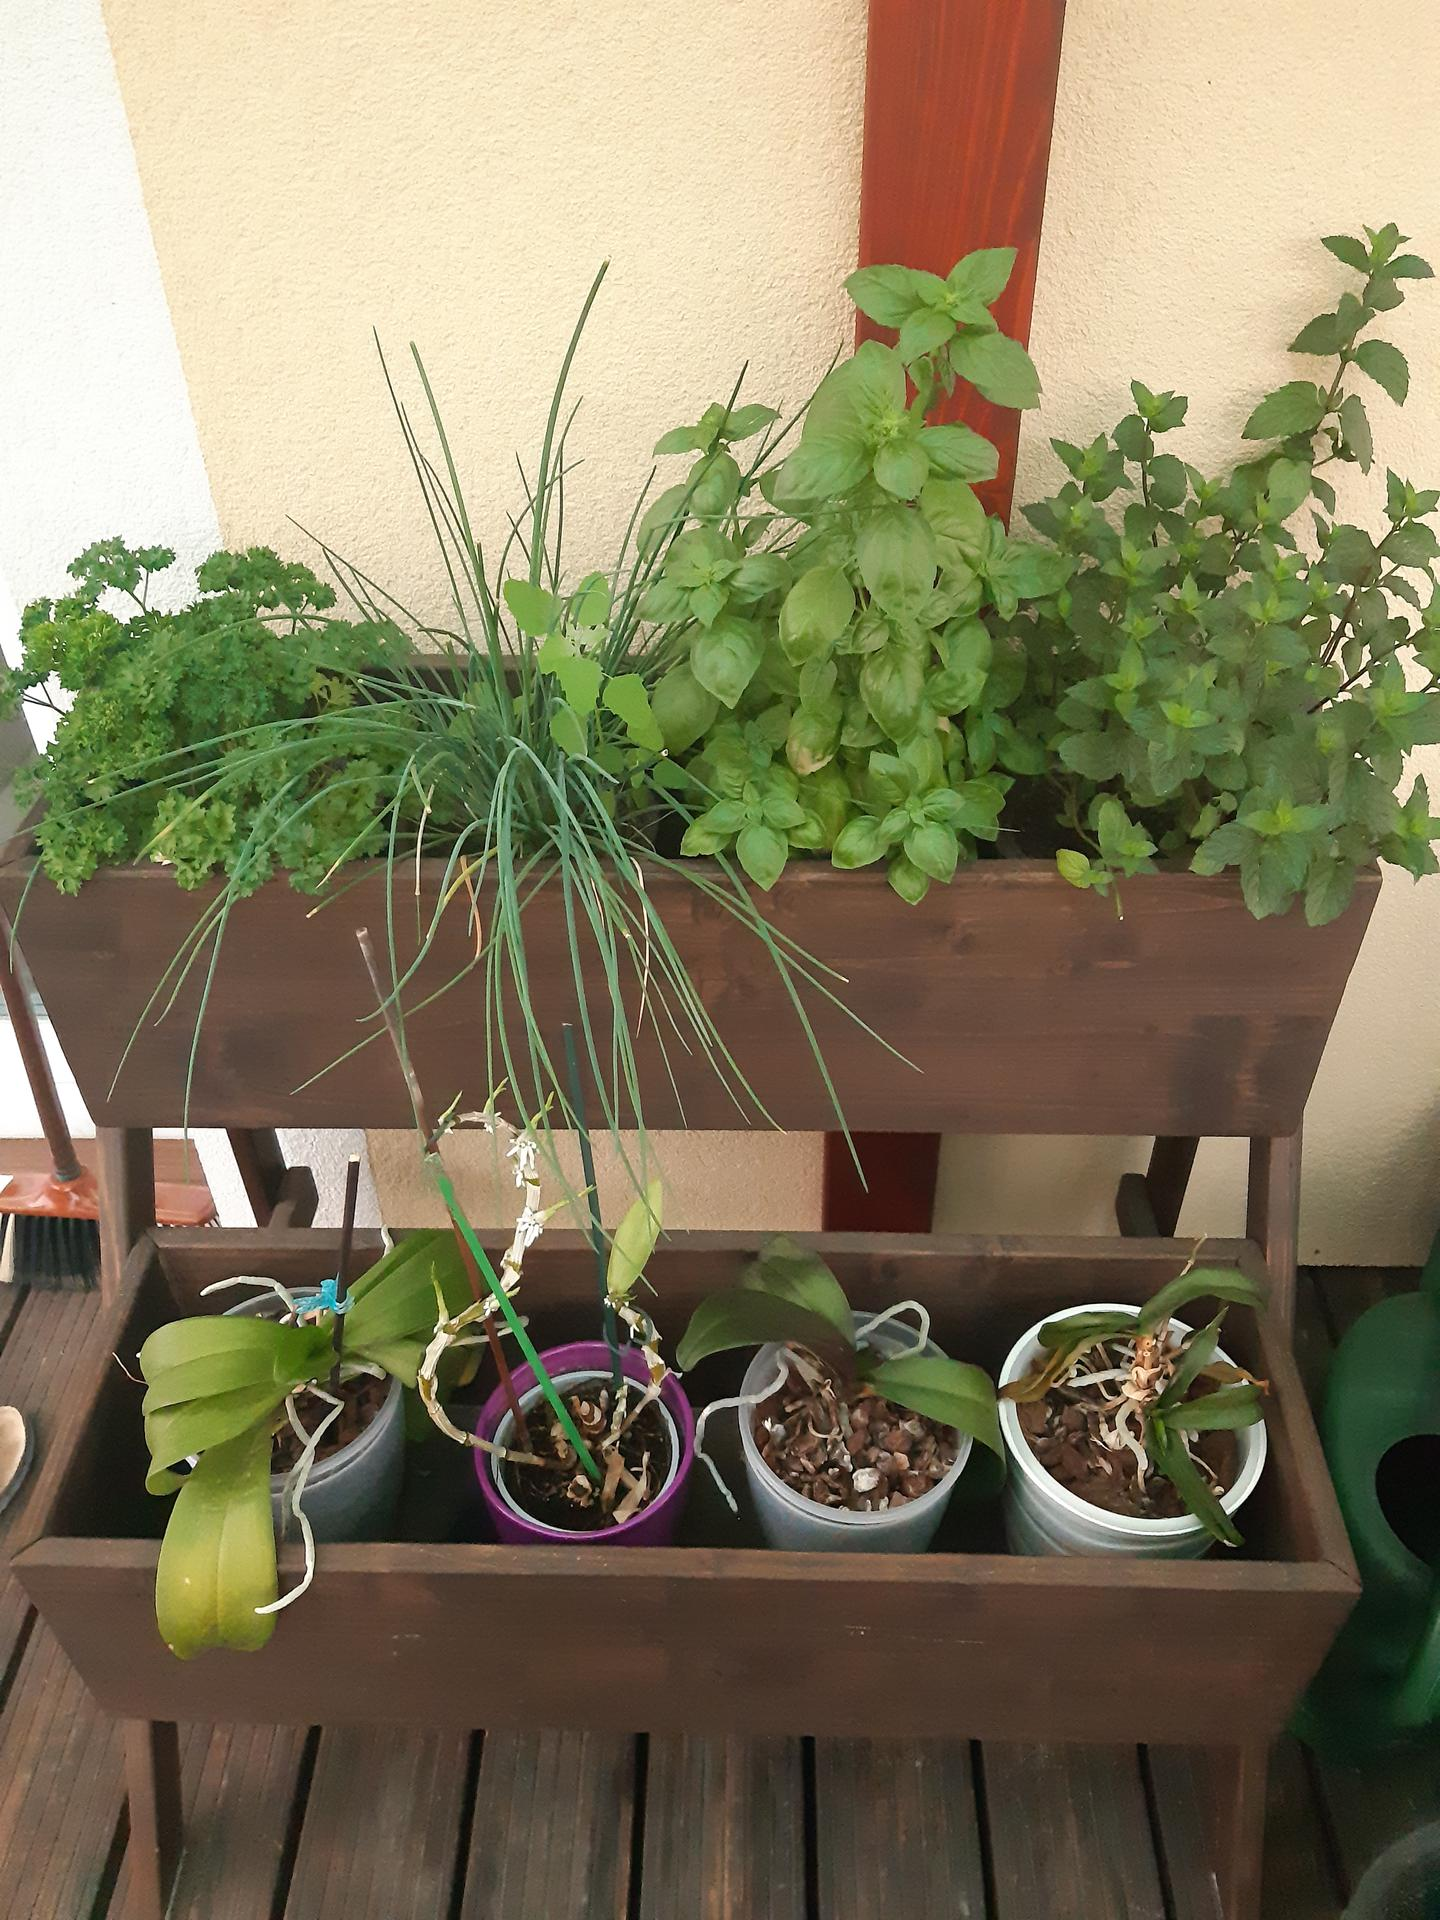 Zahrada 2021 - bylinky, víc jich ke štěstí naštěstí nepotřebuju. Orchideje jsou z přesunu na terasu totálně v šoku ;-)